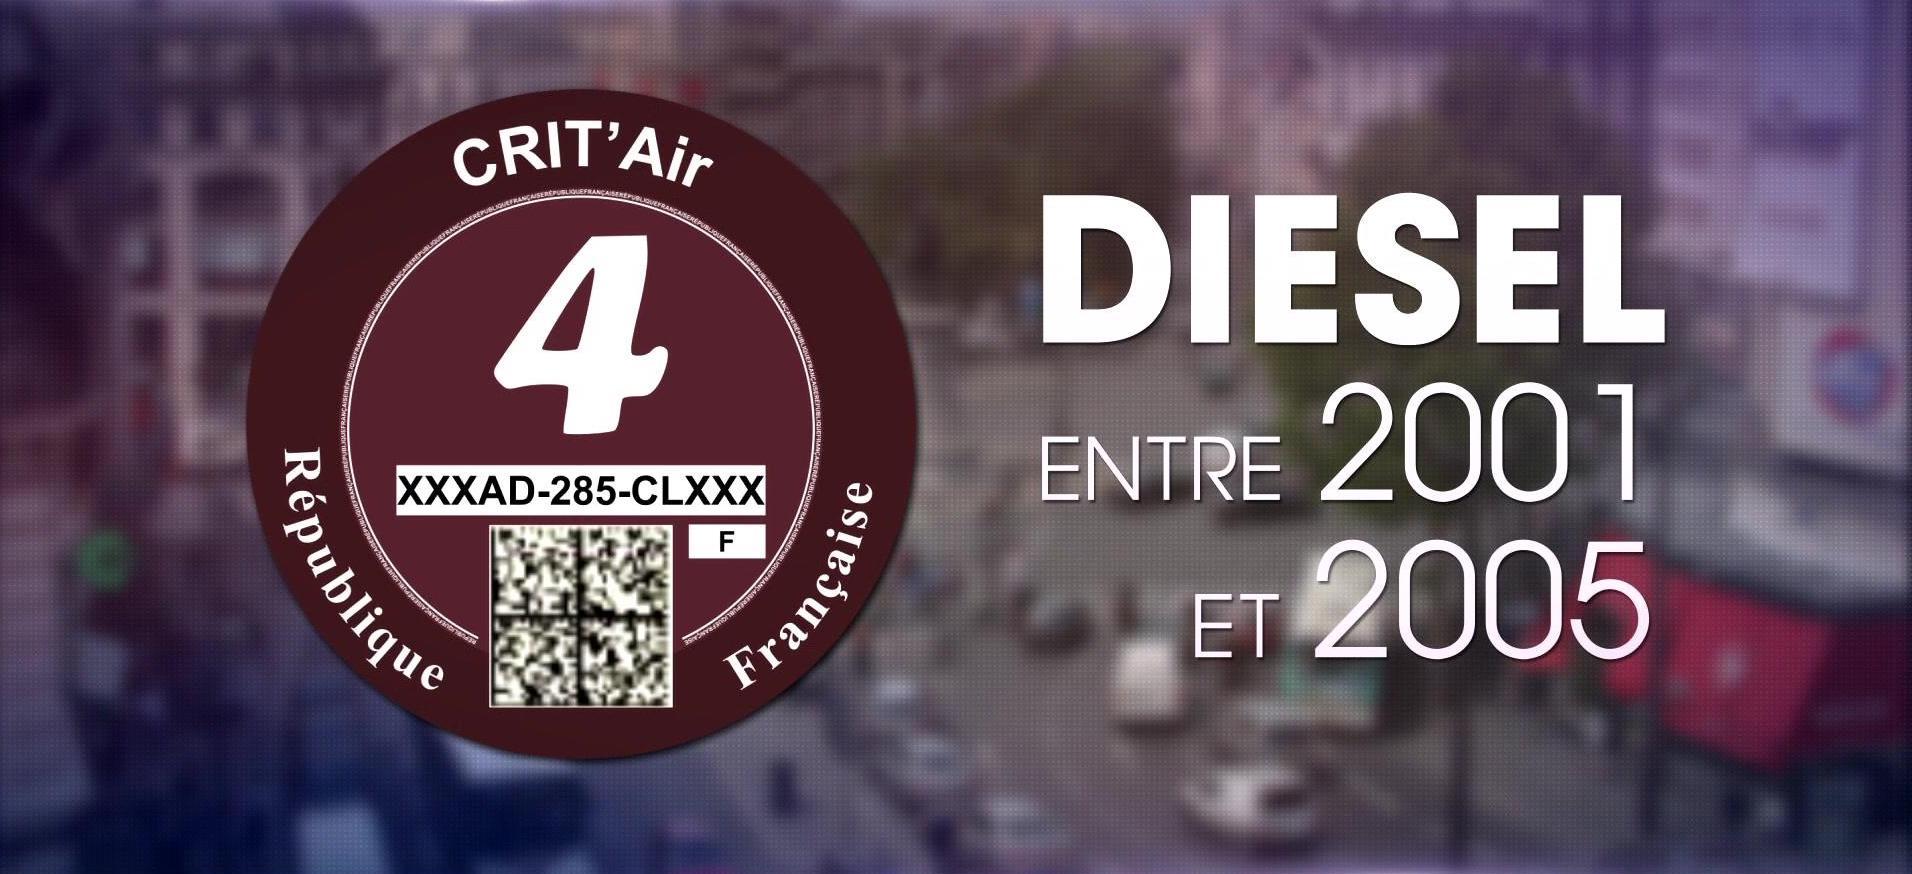 vignette crit air Paris numéro 4 interdite à la circulation